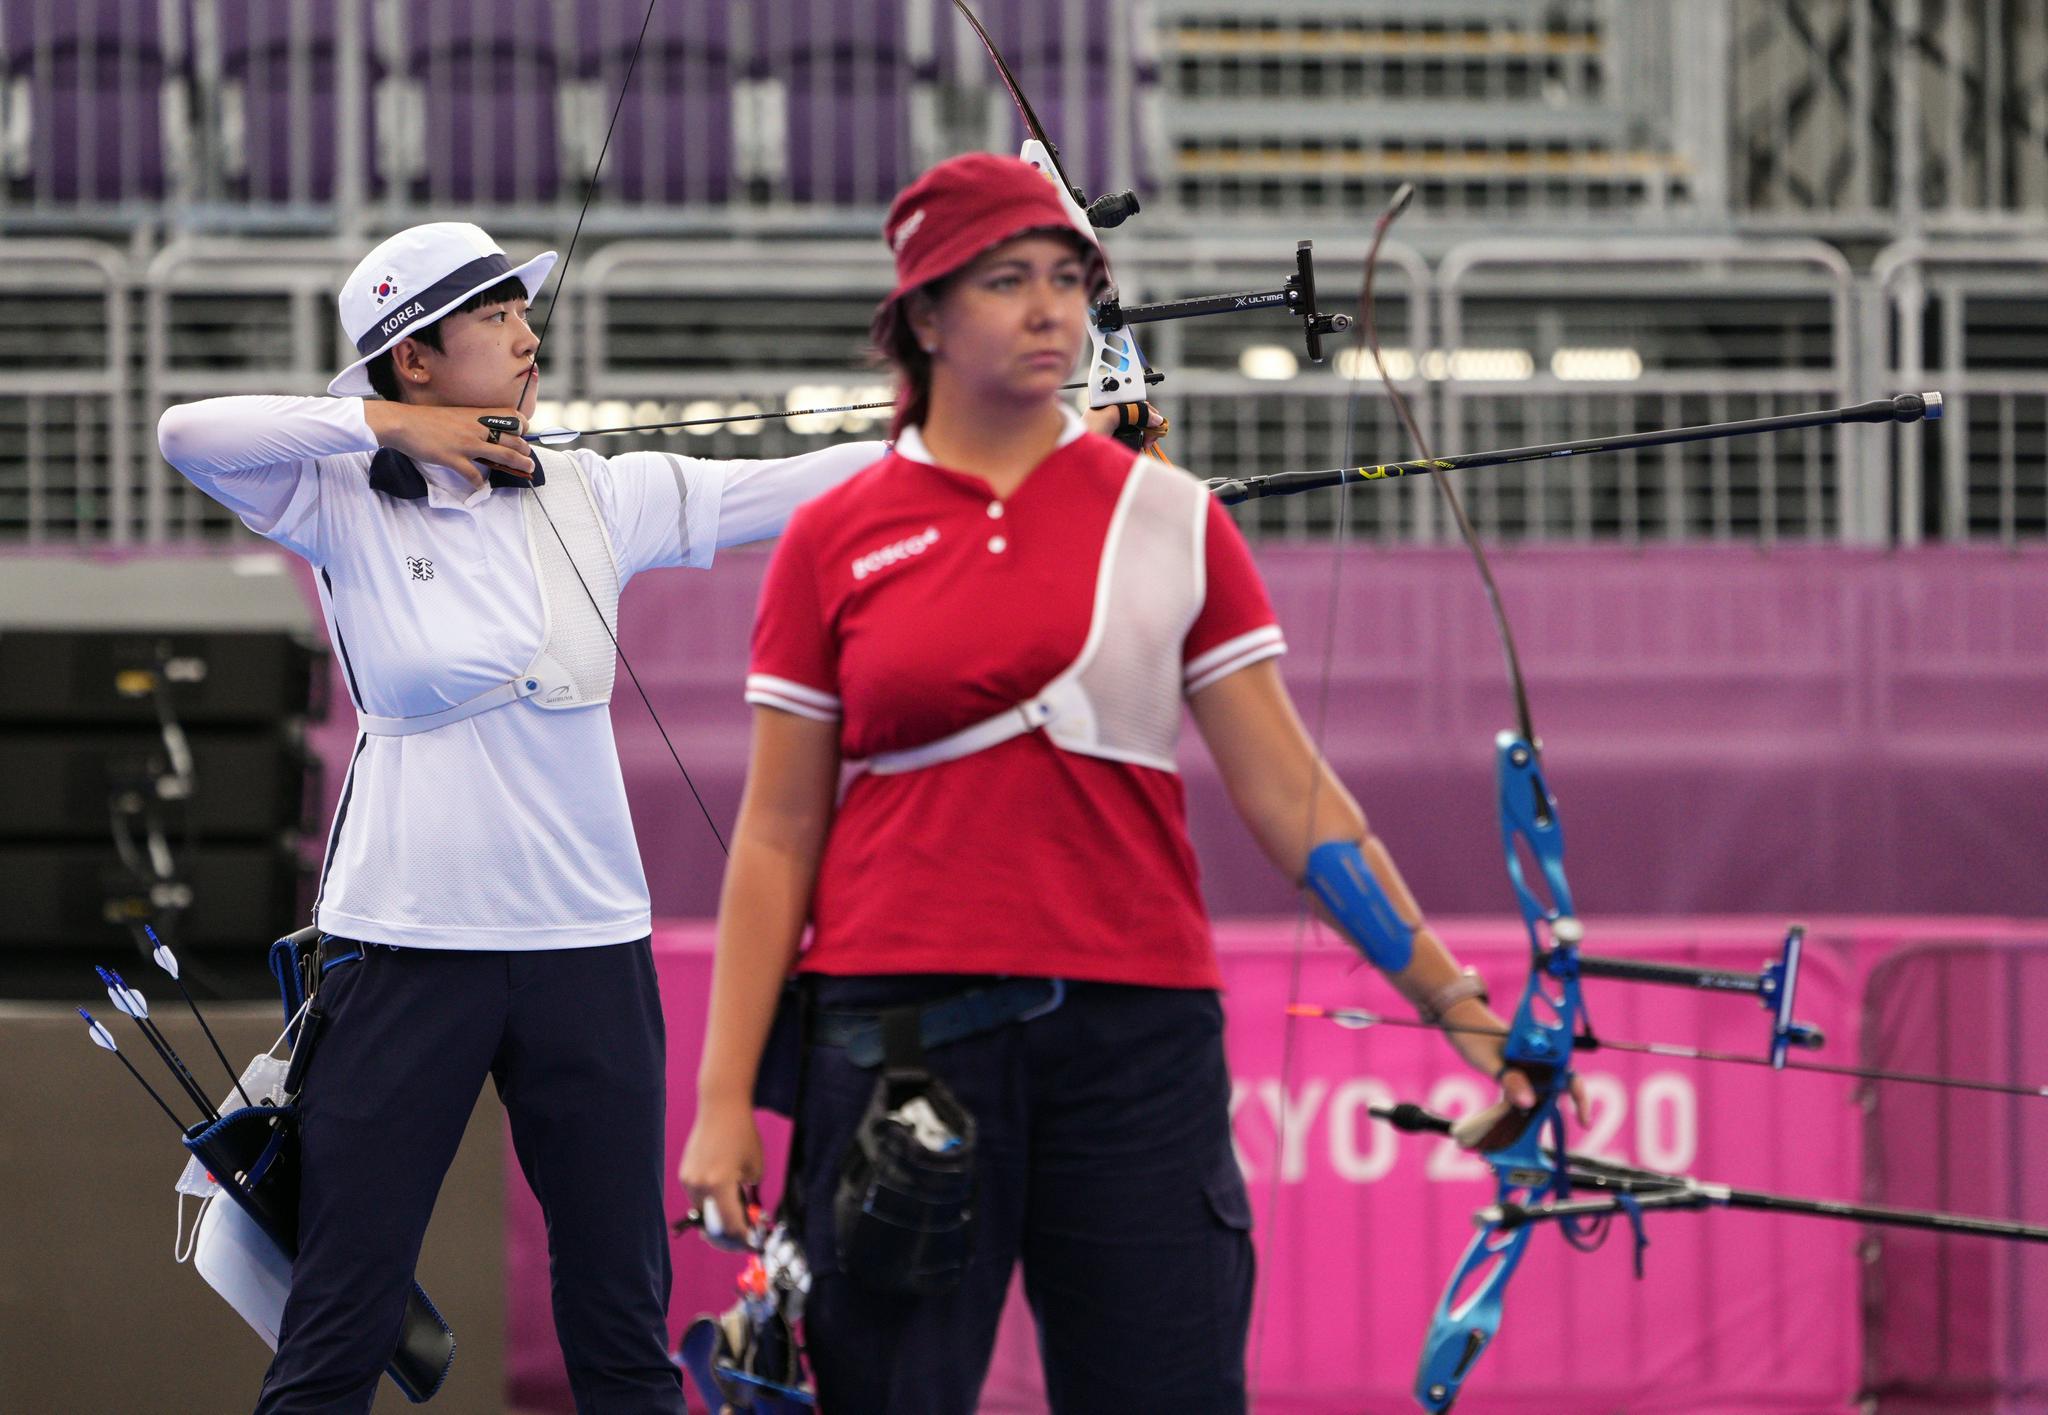 射箭——女子个人赛:韩国选手安山夺冠